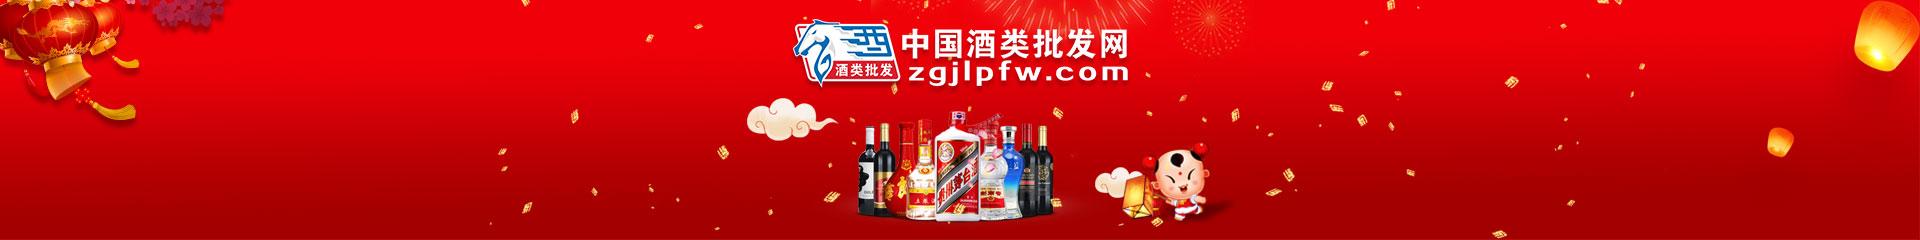 四川成都郫县中国酒类批发店